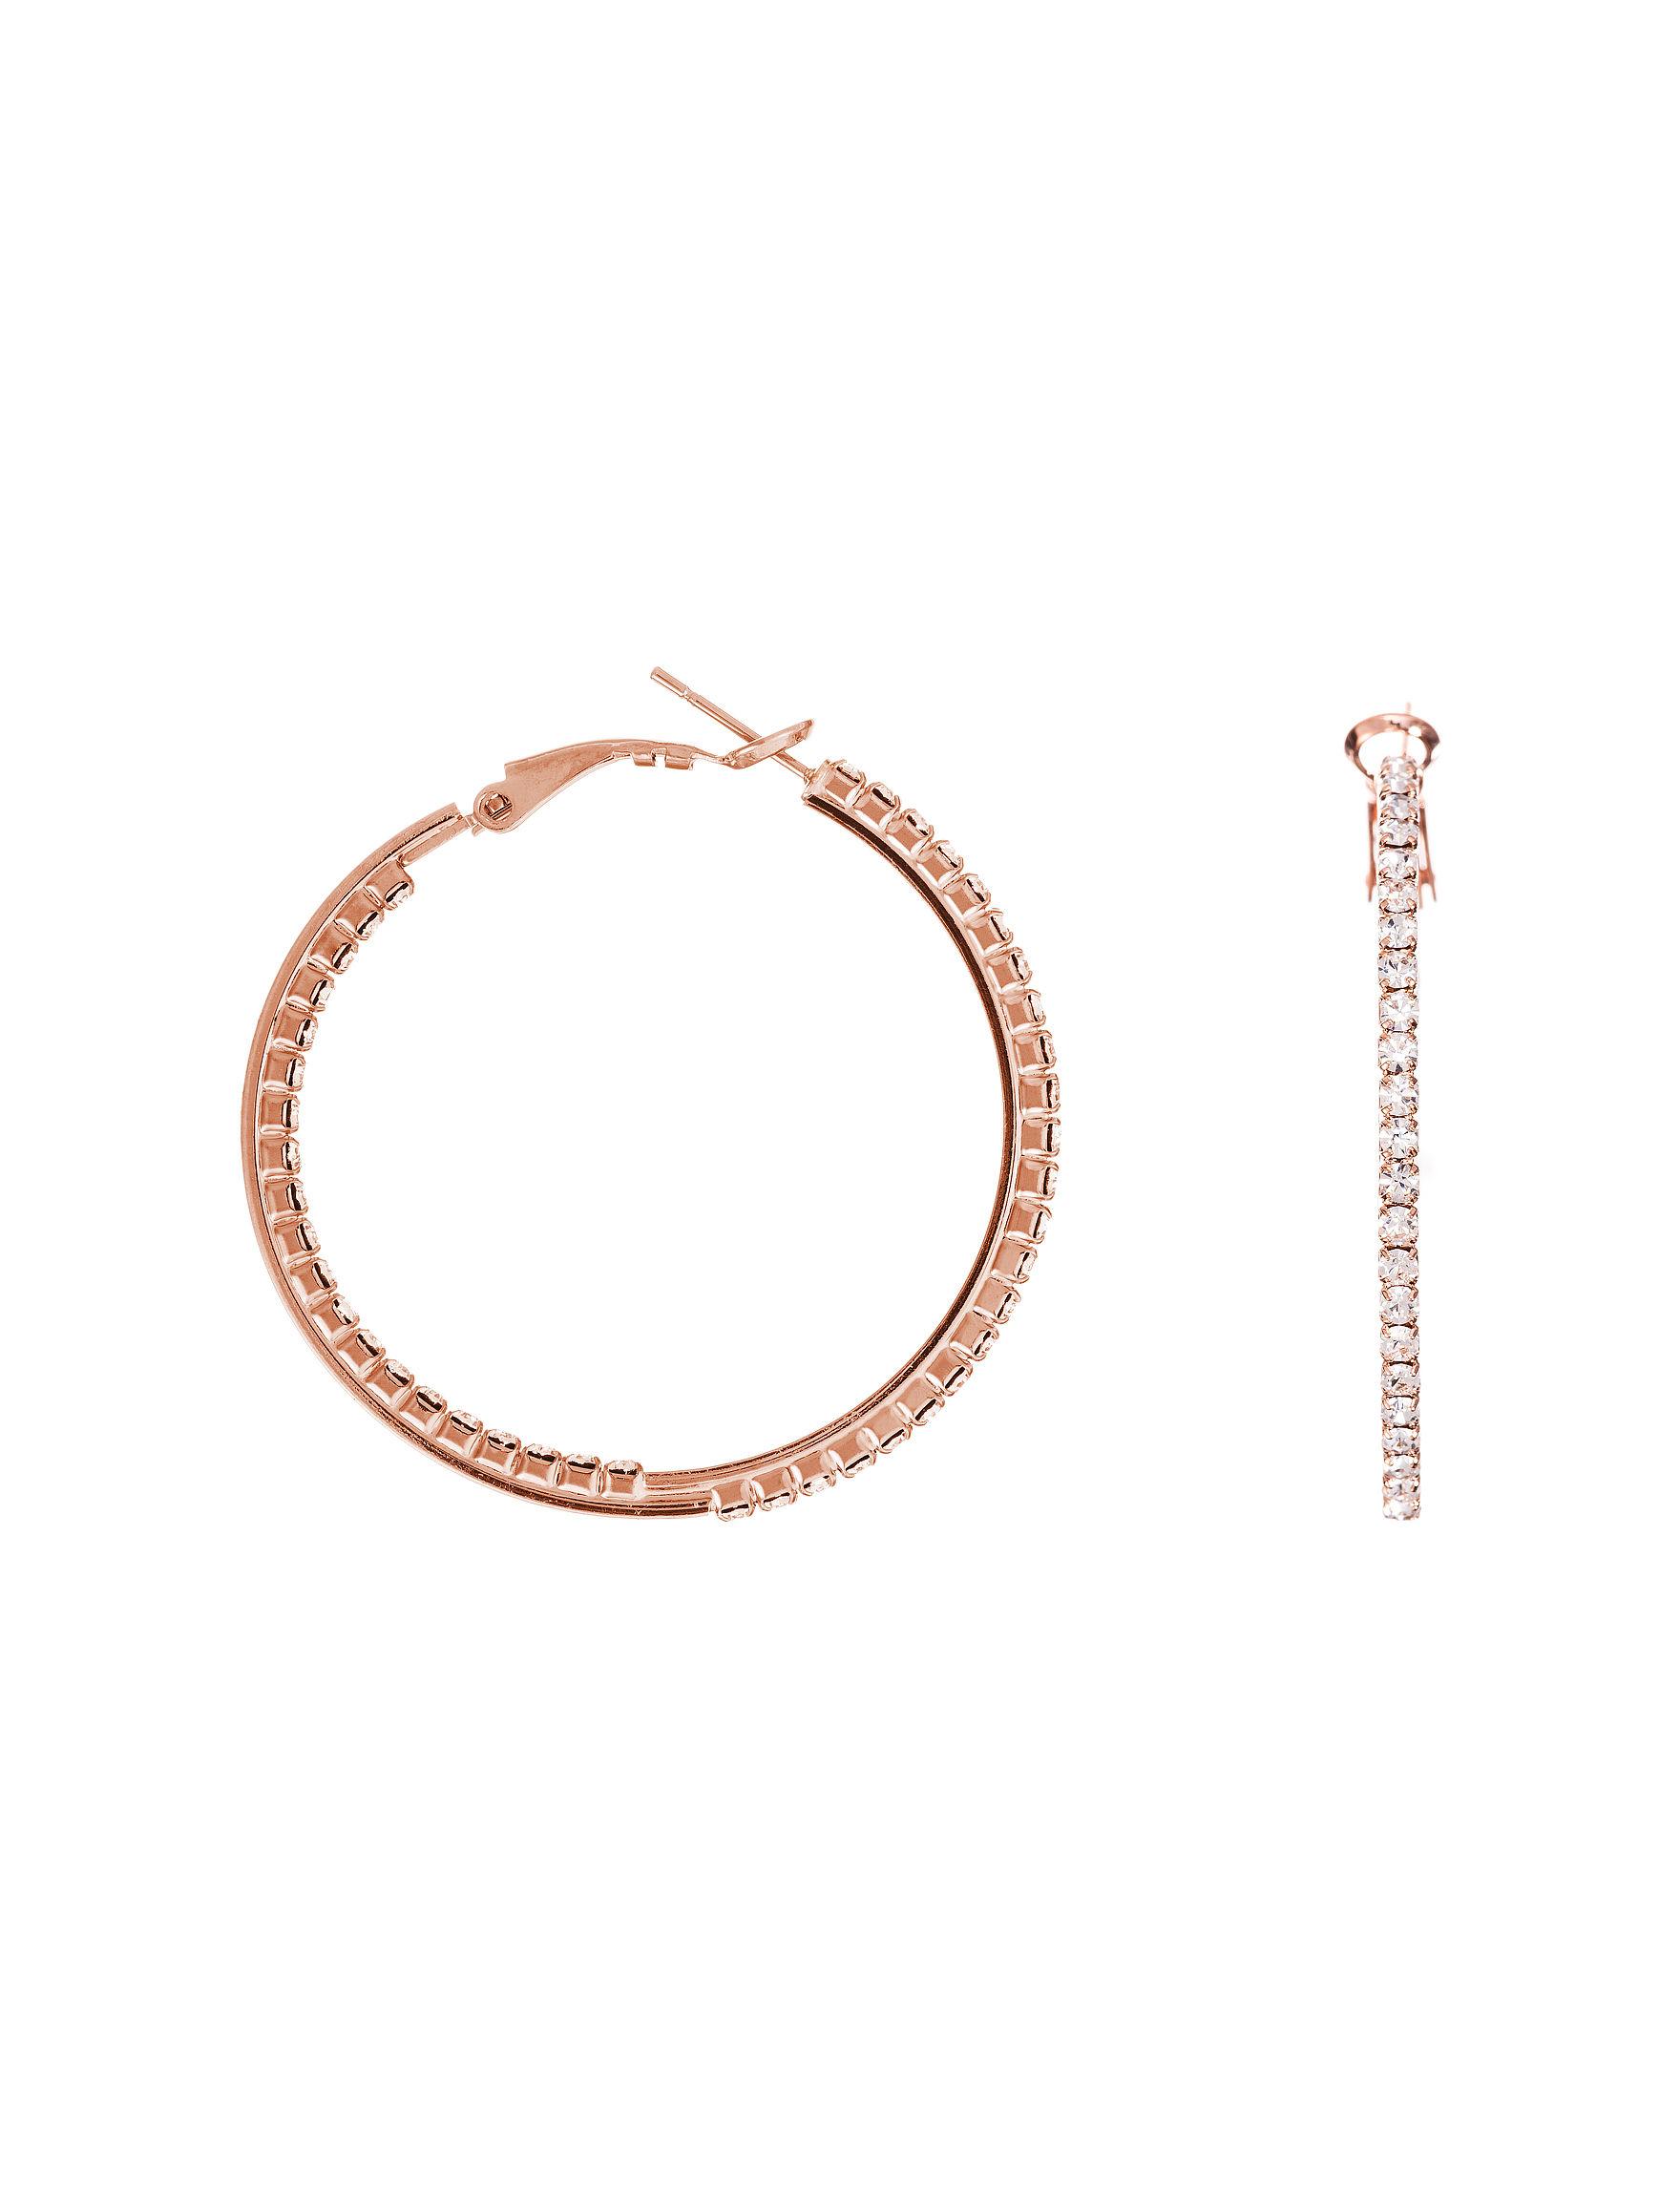 40mm hoop earrings